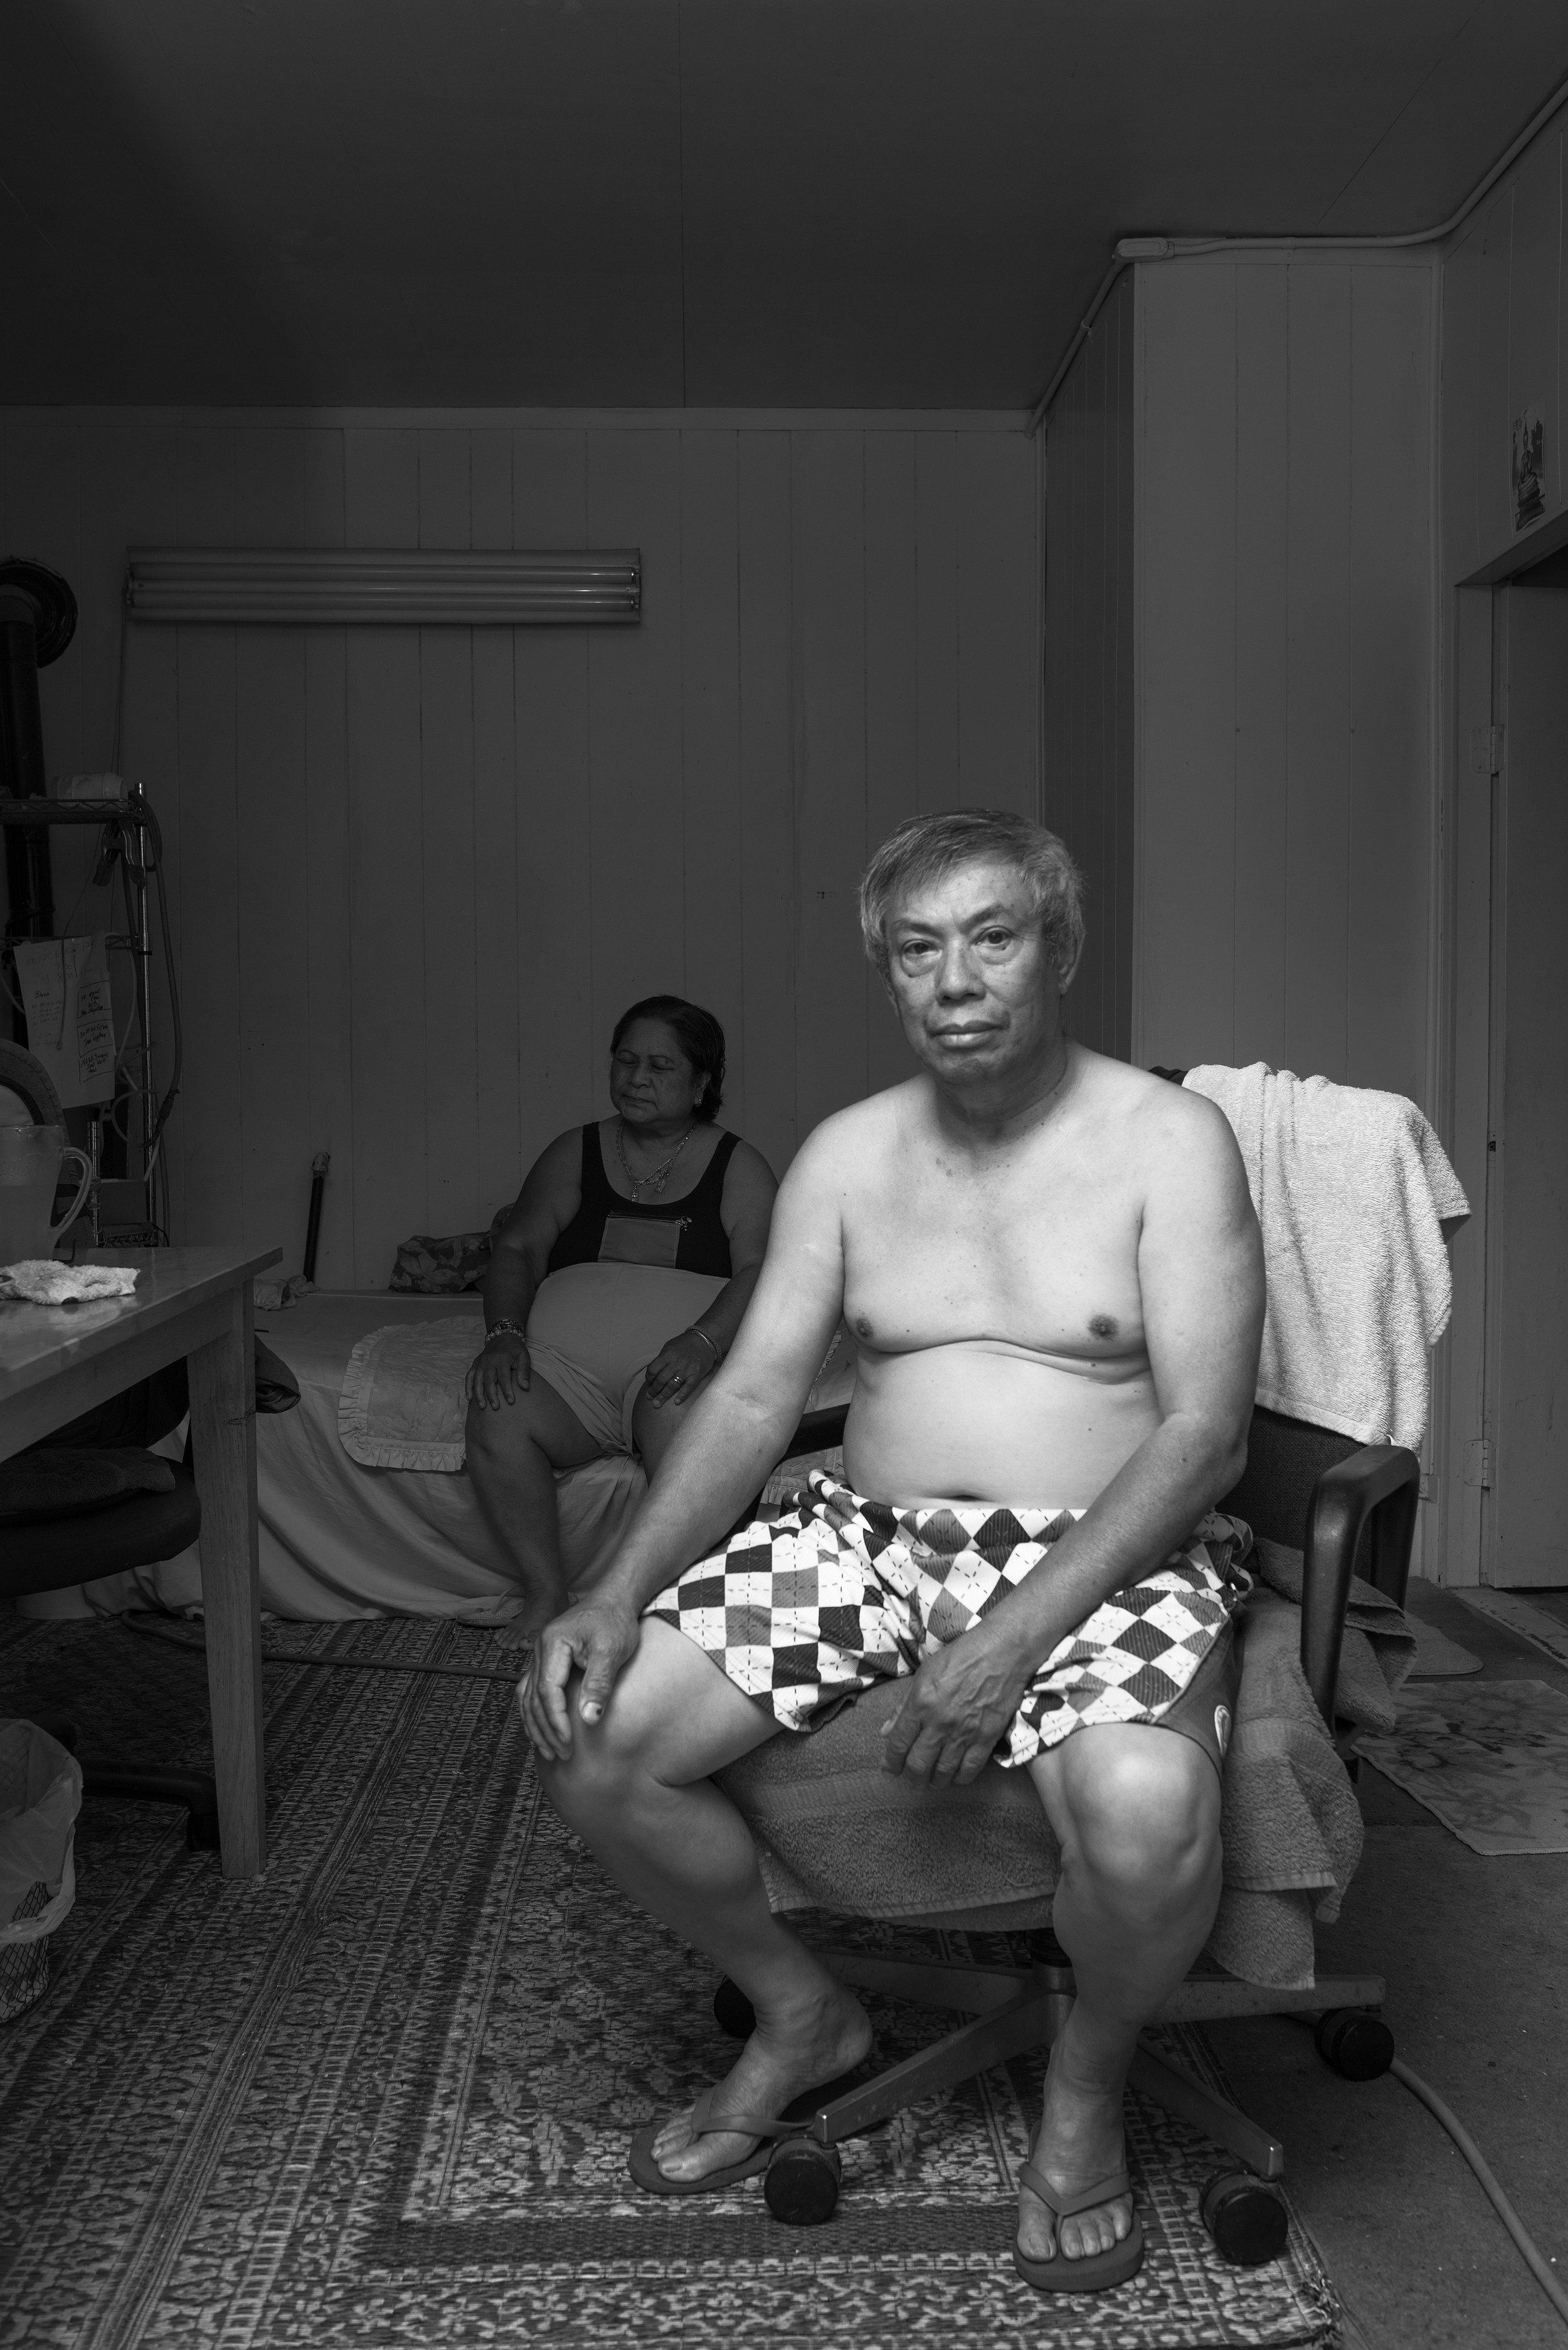 Checkered-Shorts, 2018